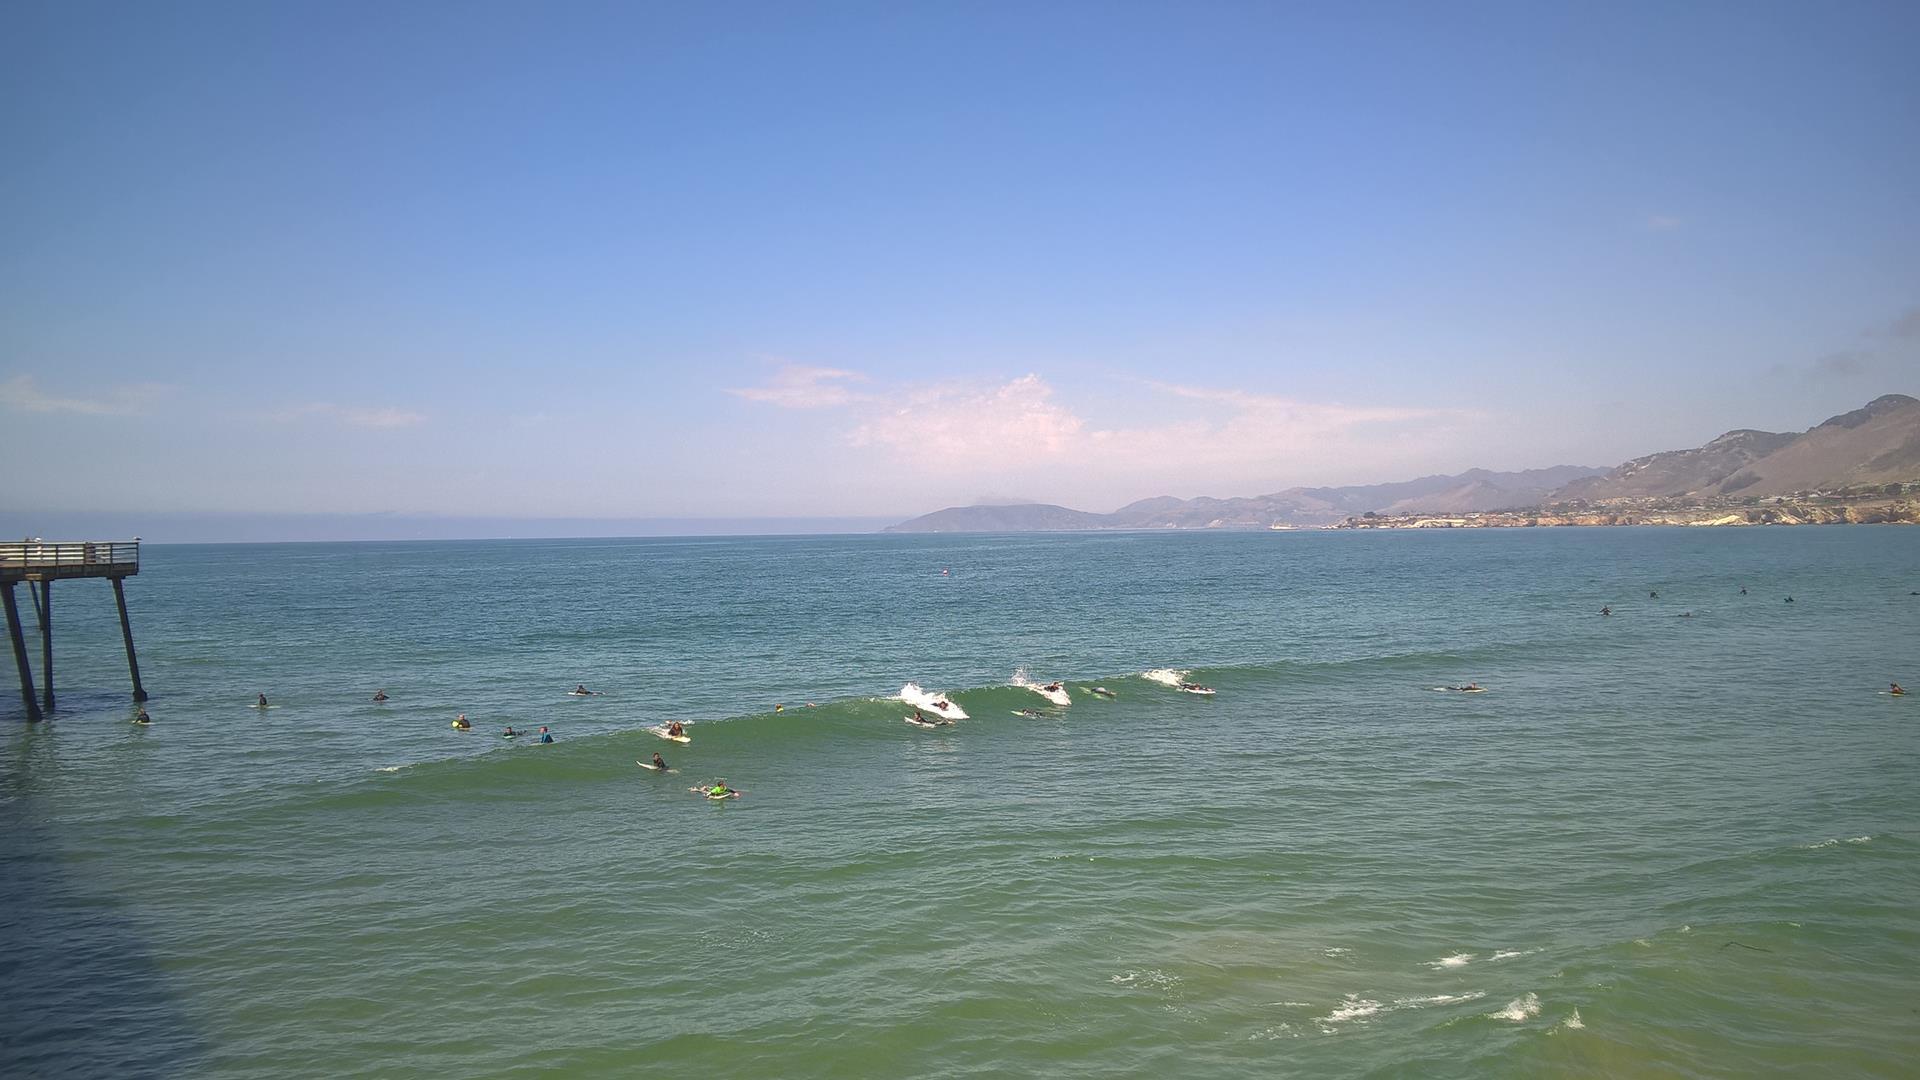 Hier gibt es wirklich viele Surfer